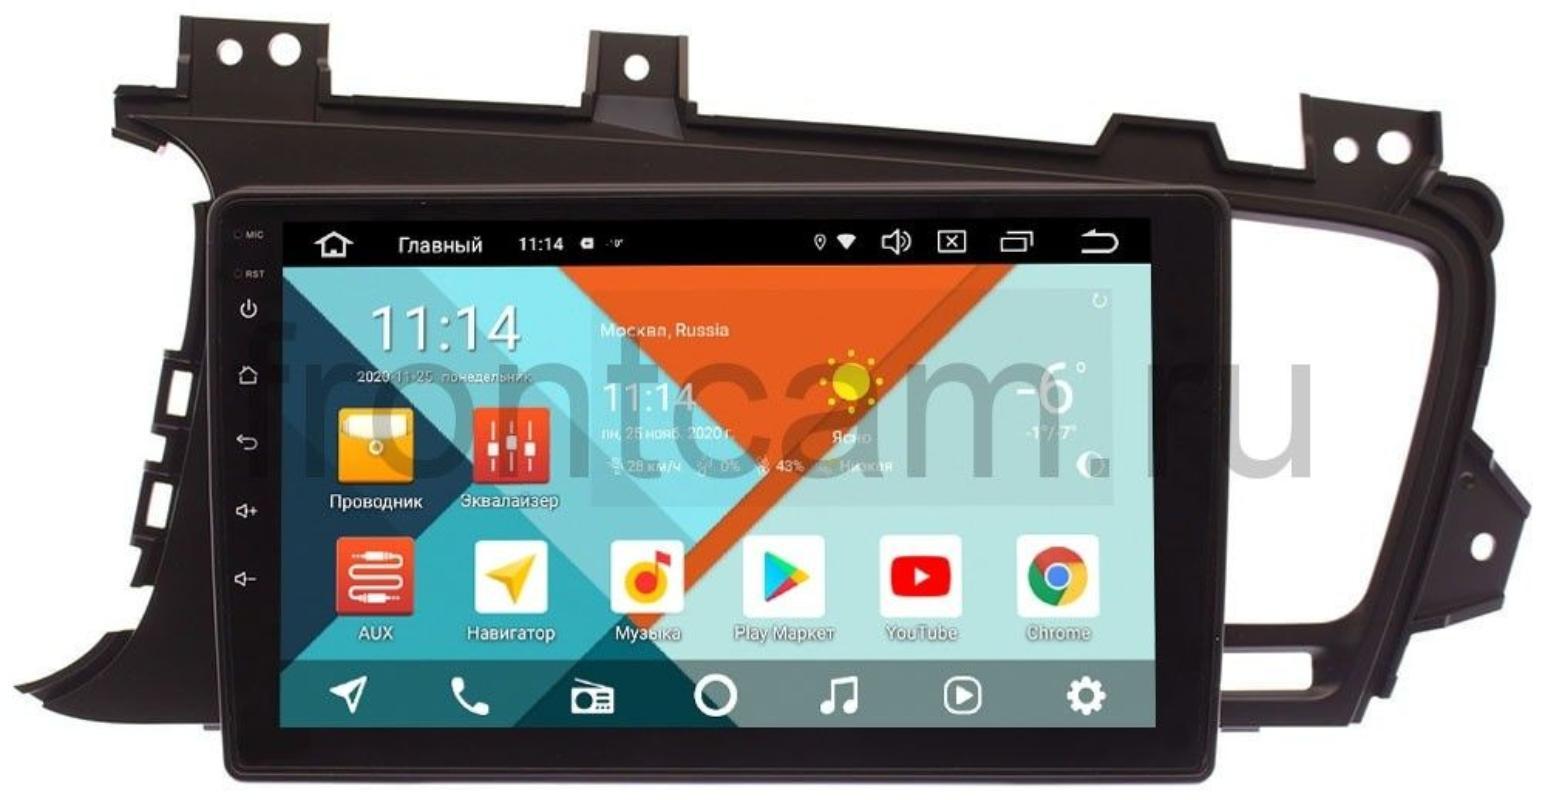 Штатная магнитола Wide Media KS9016QR-3/32 DSP CarPlay 4G-SIM для Kia Optima III 2010-2013 на Android 10 (для авто с камерой) (+ Камера заднего вида в подарок!)